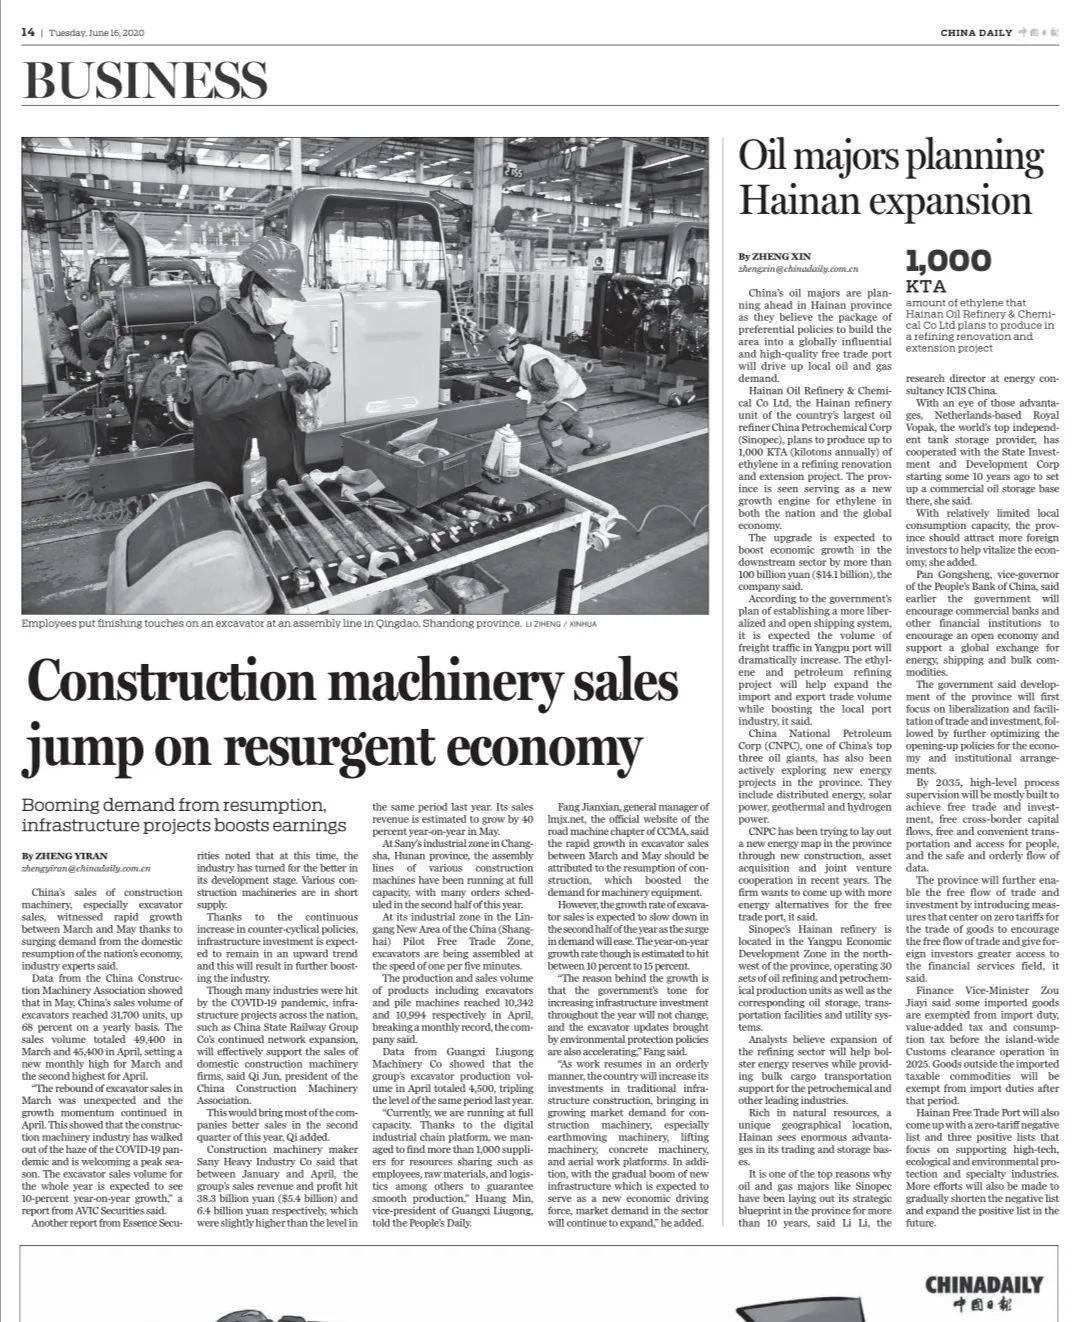 《中国日报》:苏醒经济促进工程机械销售快速增长